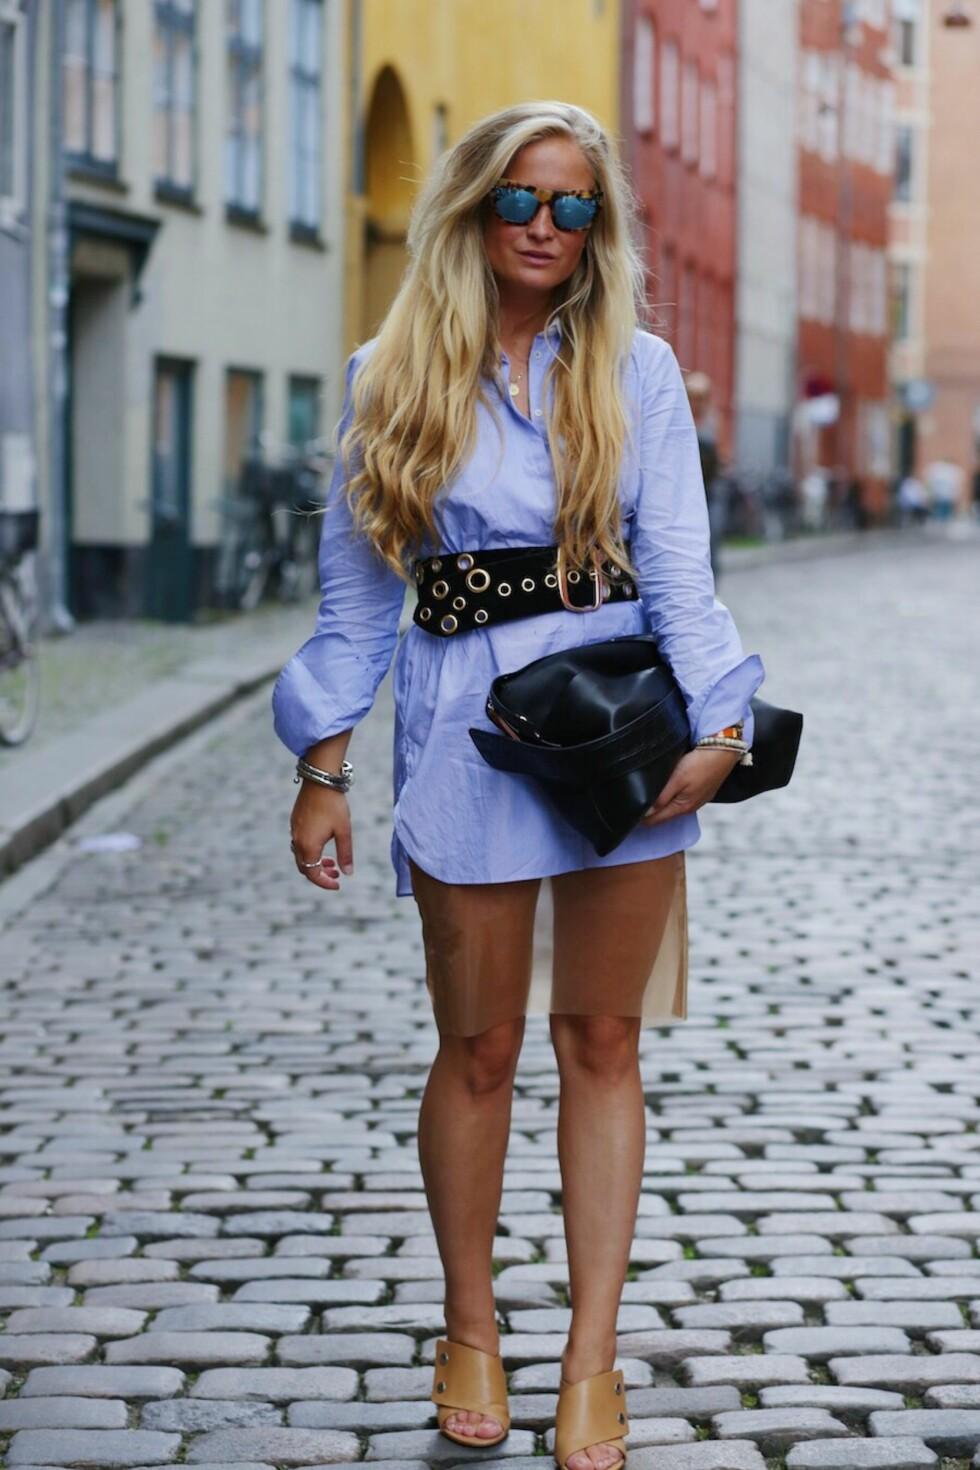 Den stripete skjorta: Nathalie Helgerud i en lang, blå skjorte kombinert med et gjennomsiktig tyllskjørt.  Foto: Marianne Theodorsen